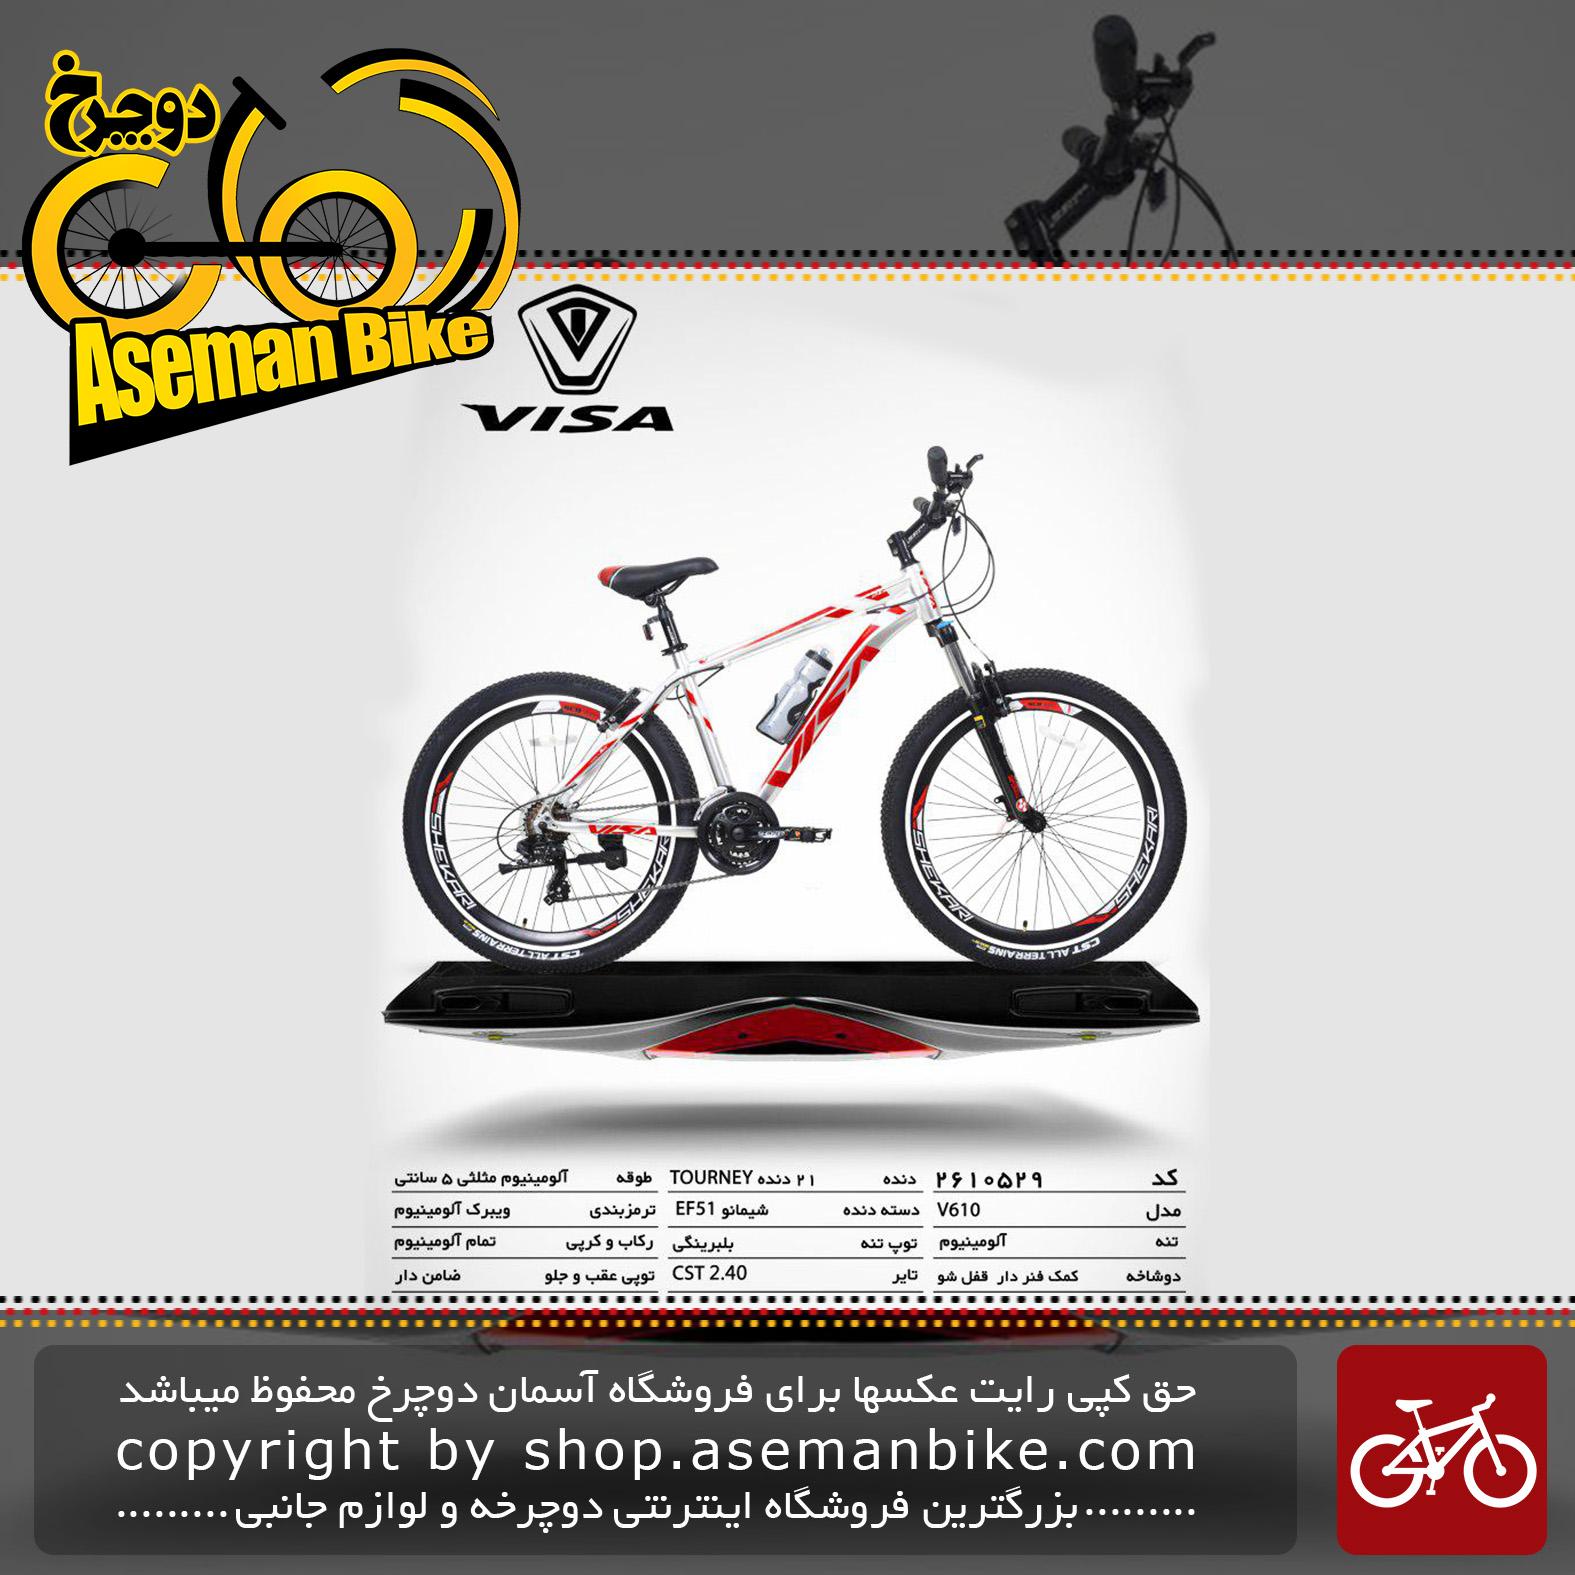 دوچرخه کوهستان ویزا21 دنده شیمانو تورنی تنه آلومینیوم سایز26مدل وی610 visa bicycle 26 21 speed shimano tourney tz aluminum vb v610 2019